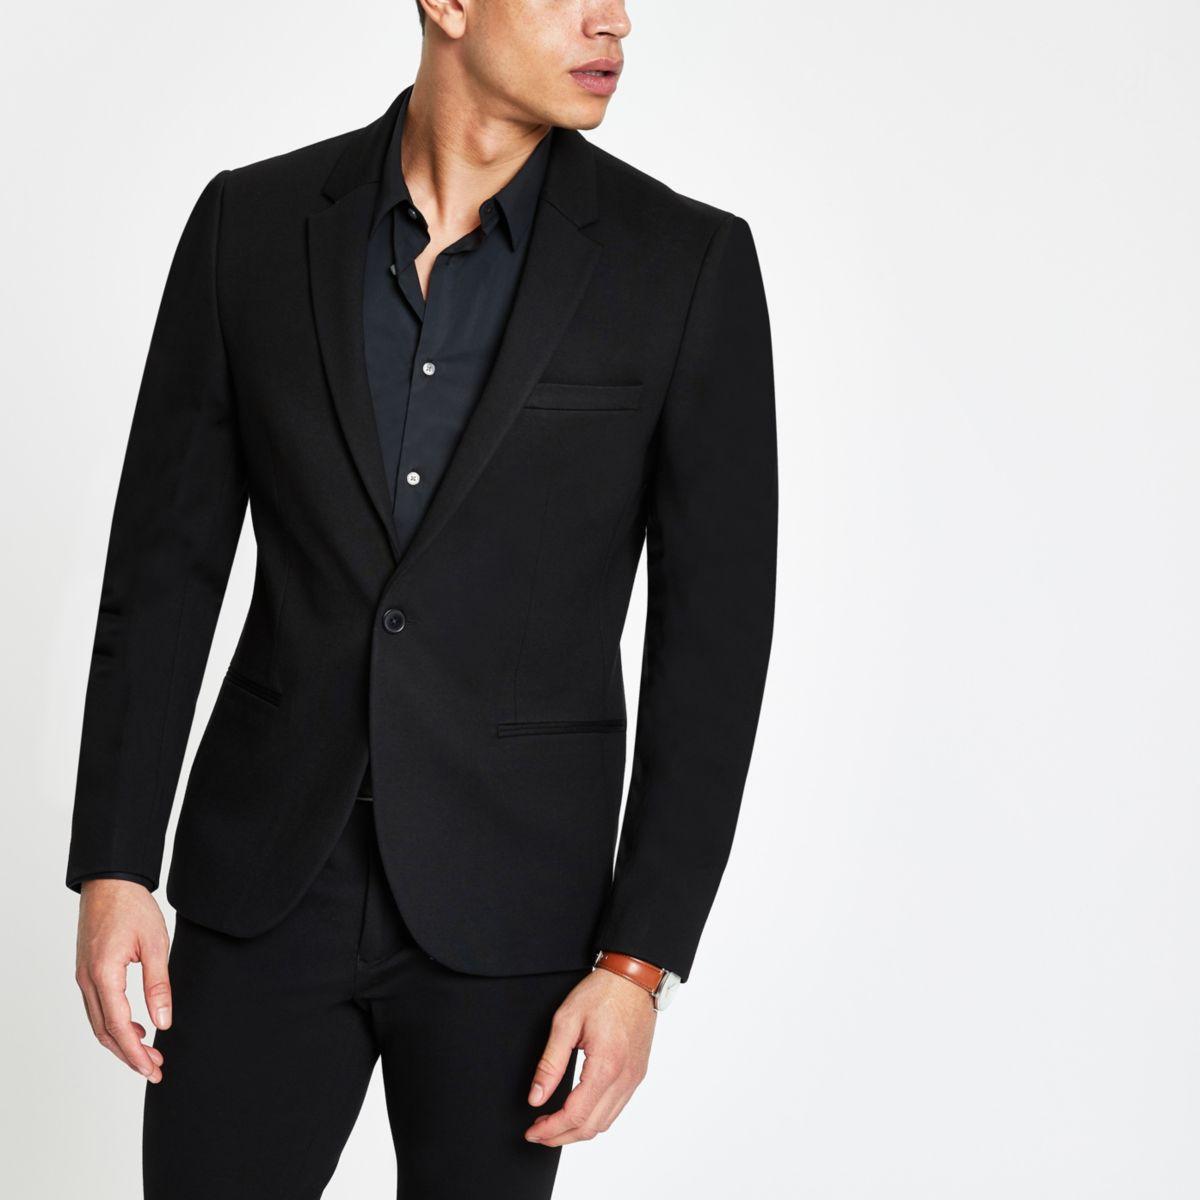 Black jersey super skinny fit suit jacket